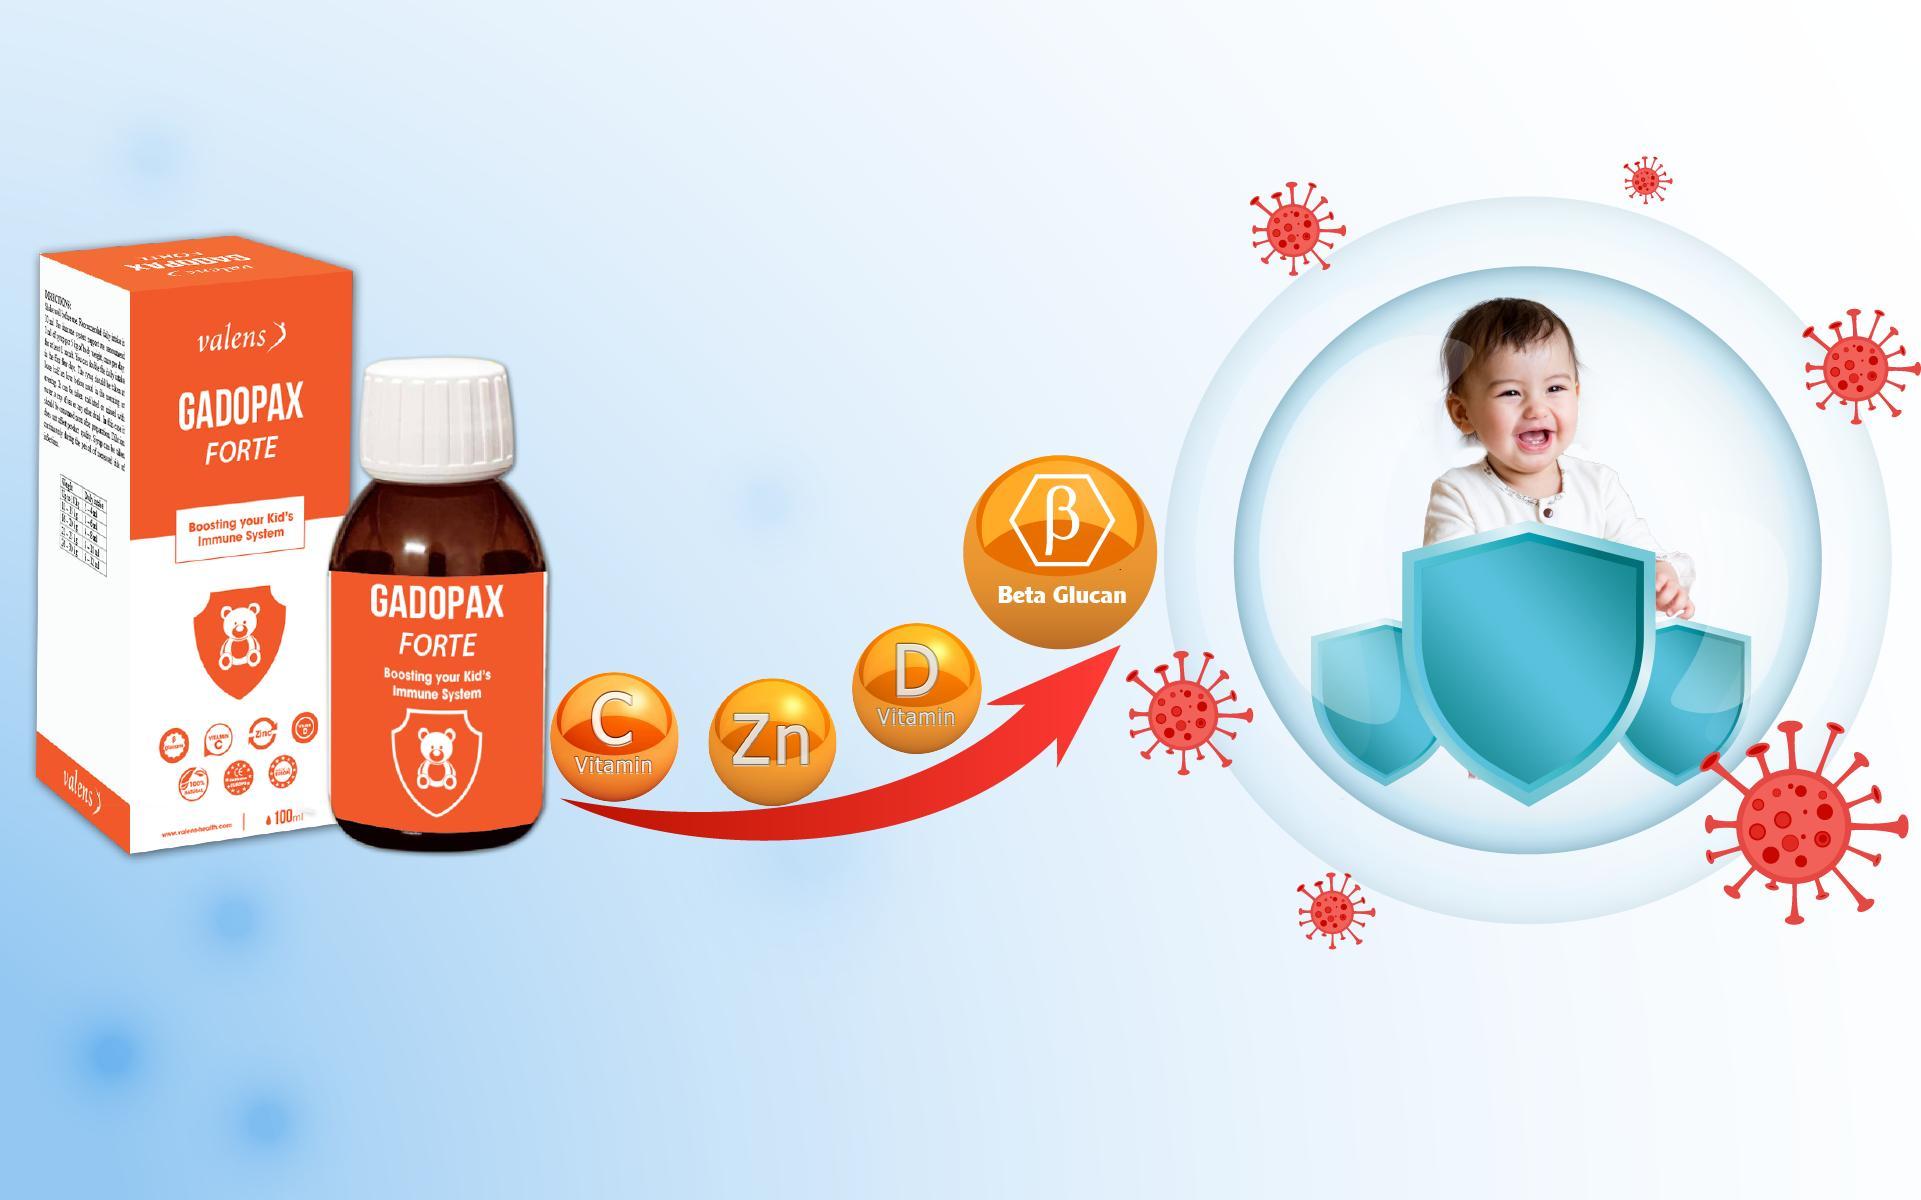 """Gadopax Forte – """"chuyên gia"""" tăng đề kháng vượt trội từ Châu Âu, giúp trẻ giảm ốm vặt hiệu quả khi giao mùa - 3"""